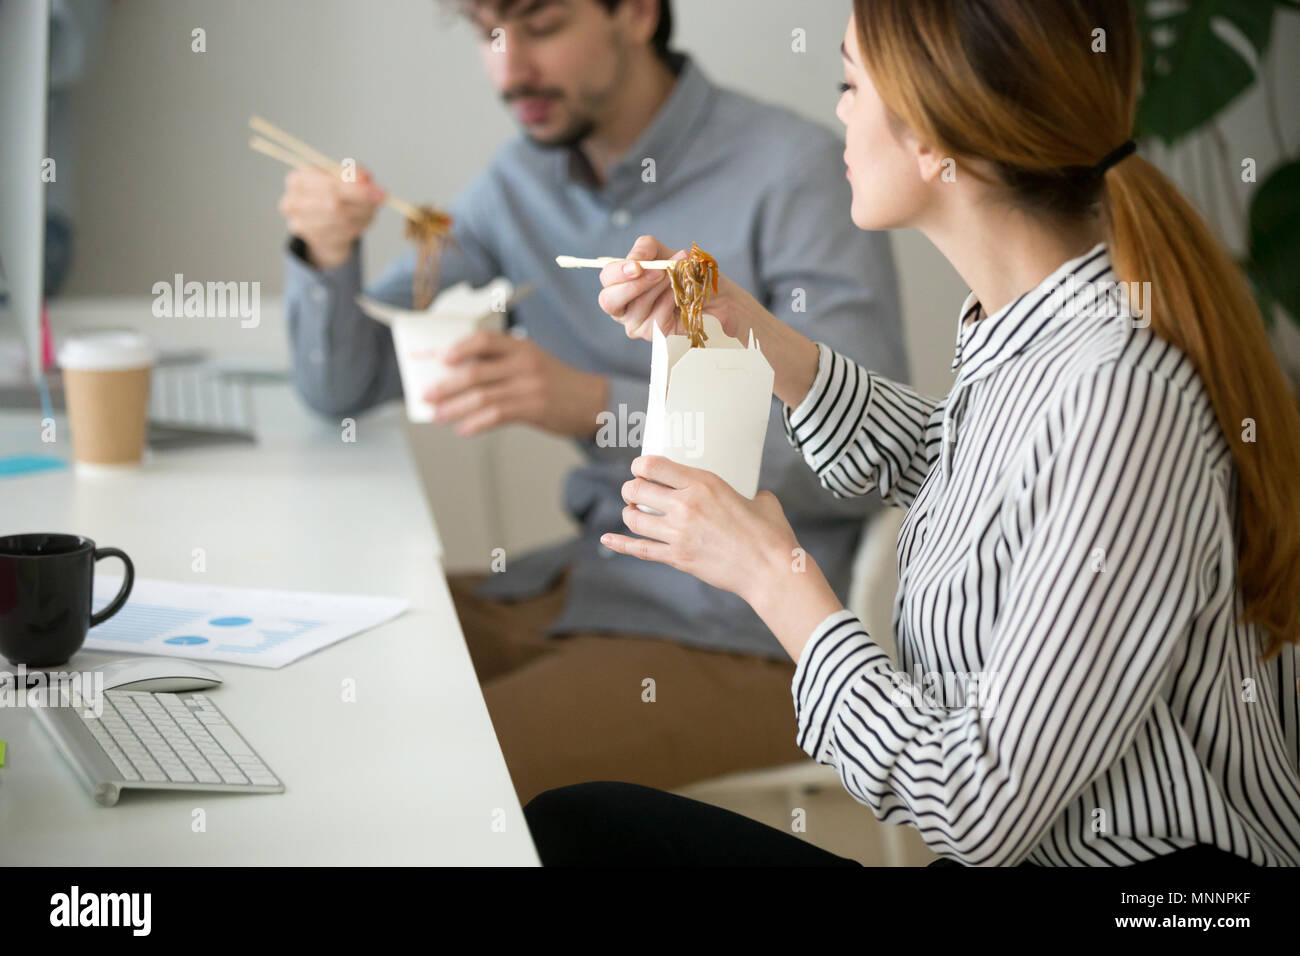 Büro Menschen Essen chinesisch Essen in Noodle Box beim Mittagessen Stockbild